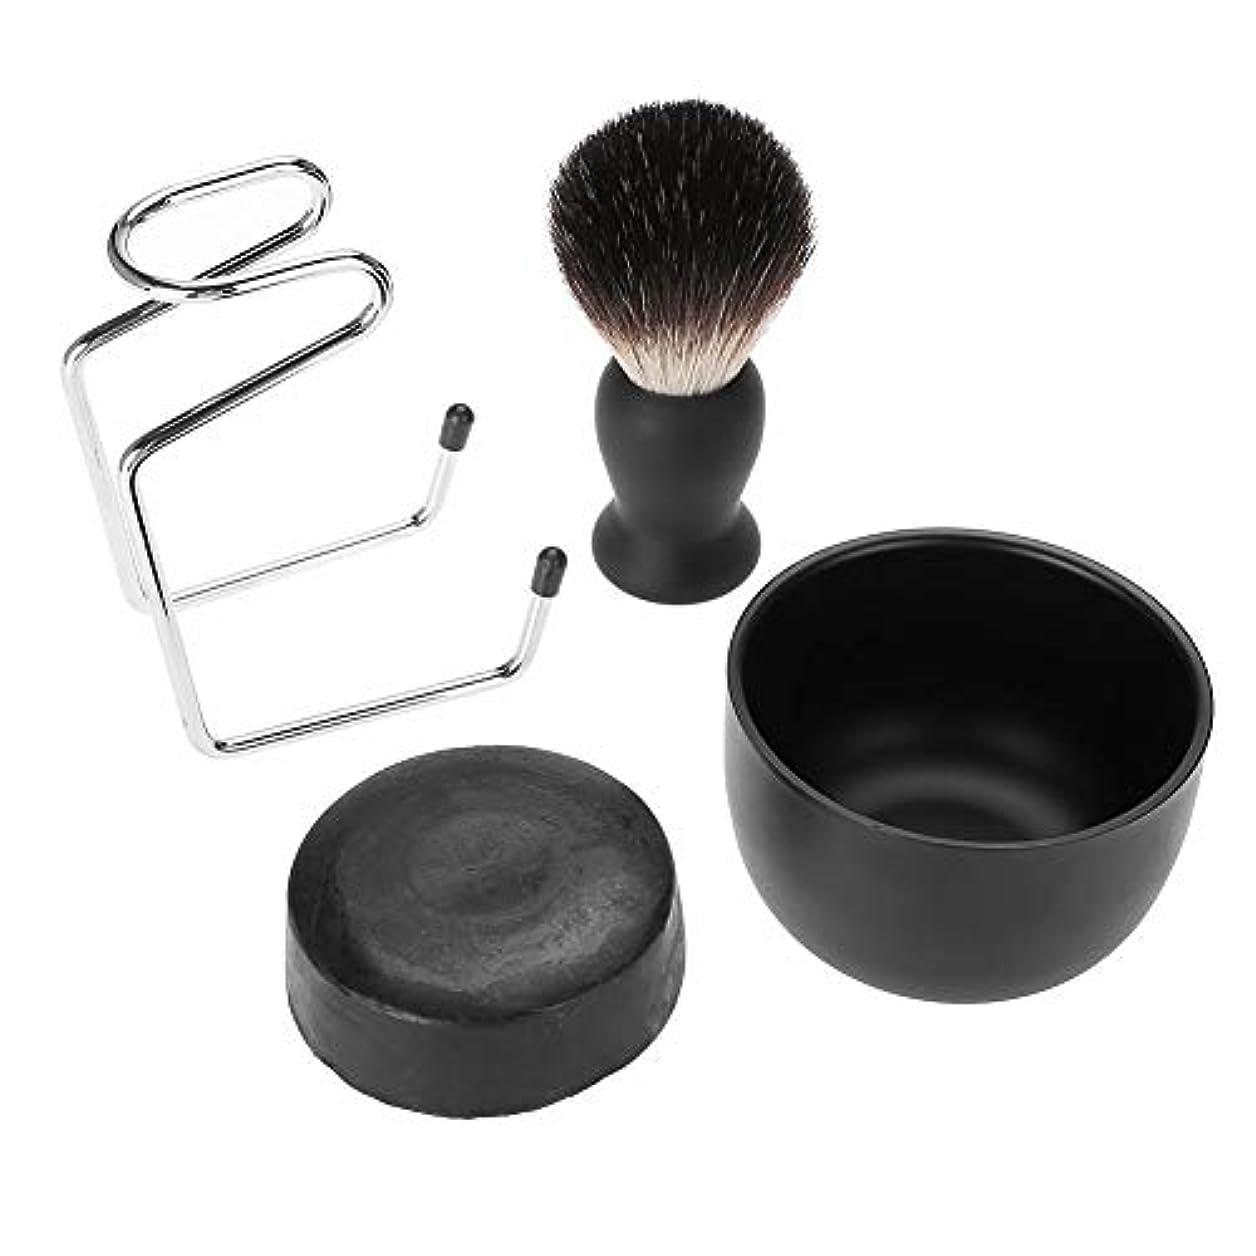 エネルギー不機嫌そうなプレフィックスひげ剃りセット、ひげ剃りツールキット付きシェービングブラシ+ブラシスタンド+シェービングソープ+男性用ギフトサロンホームトラベル使用